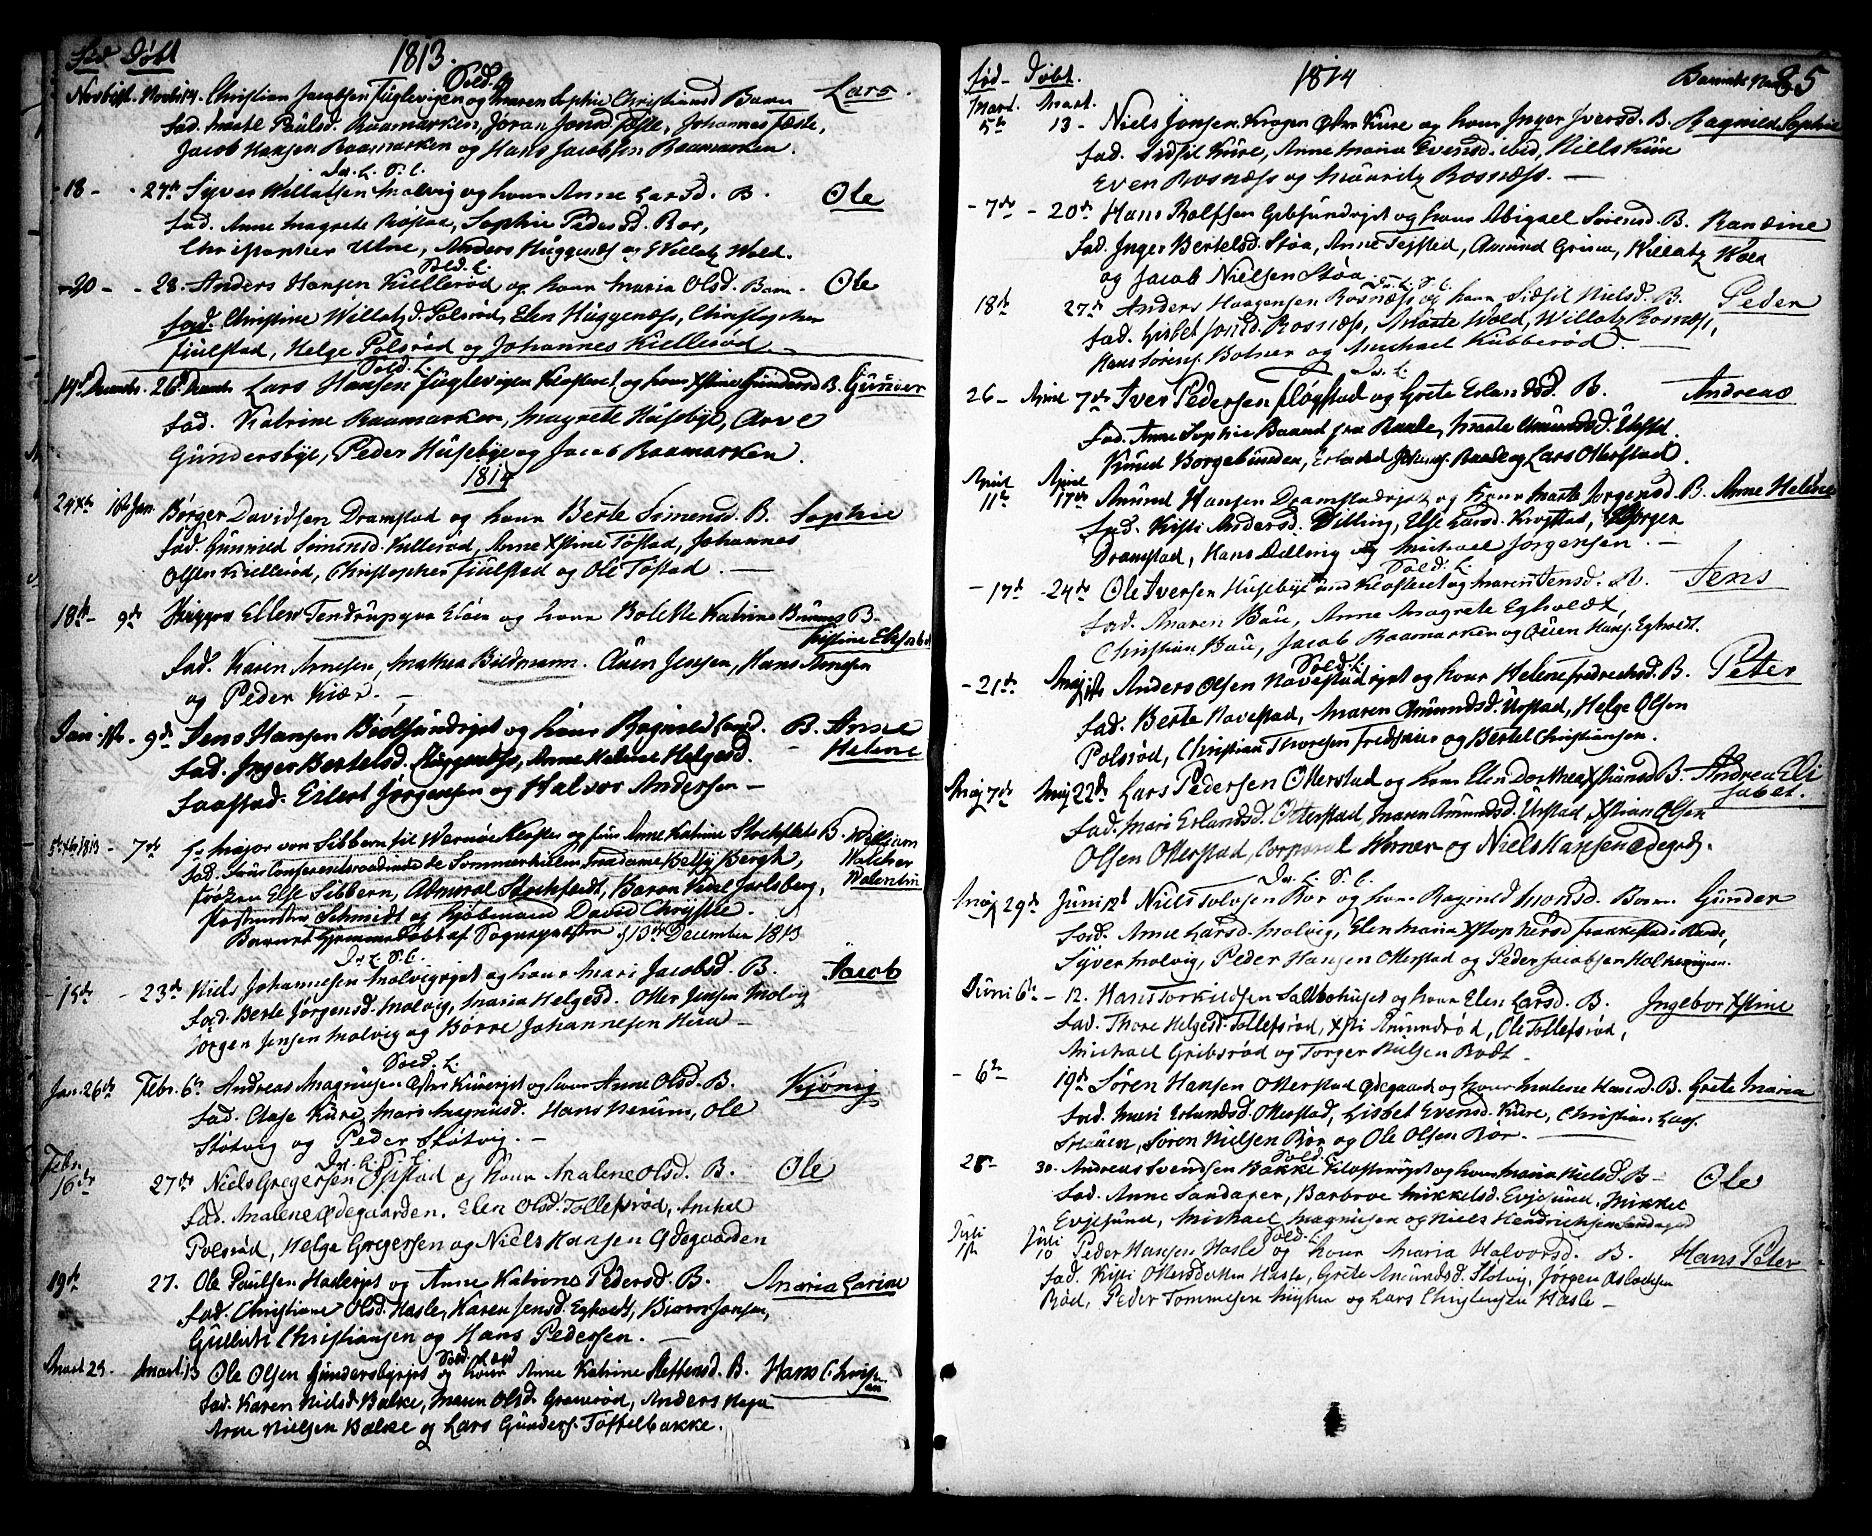 SAO, Rygge prestekontor Kirkebøker, F/Fa/L0002: Ministerialbok nr. 2, 1771-1814, s. 85